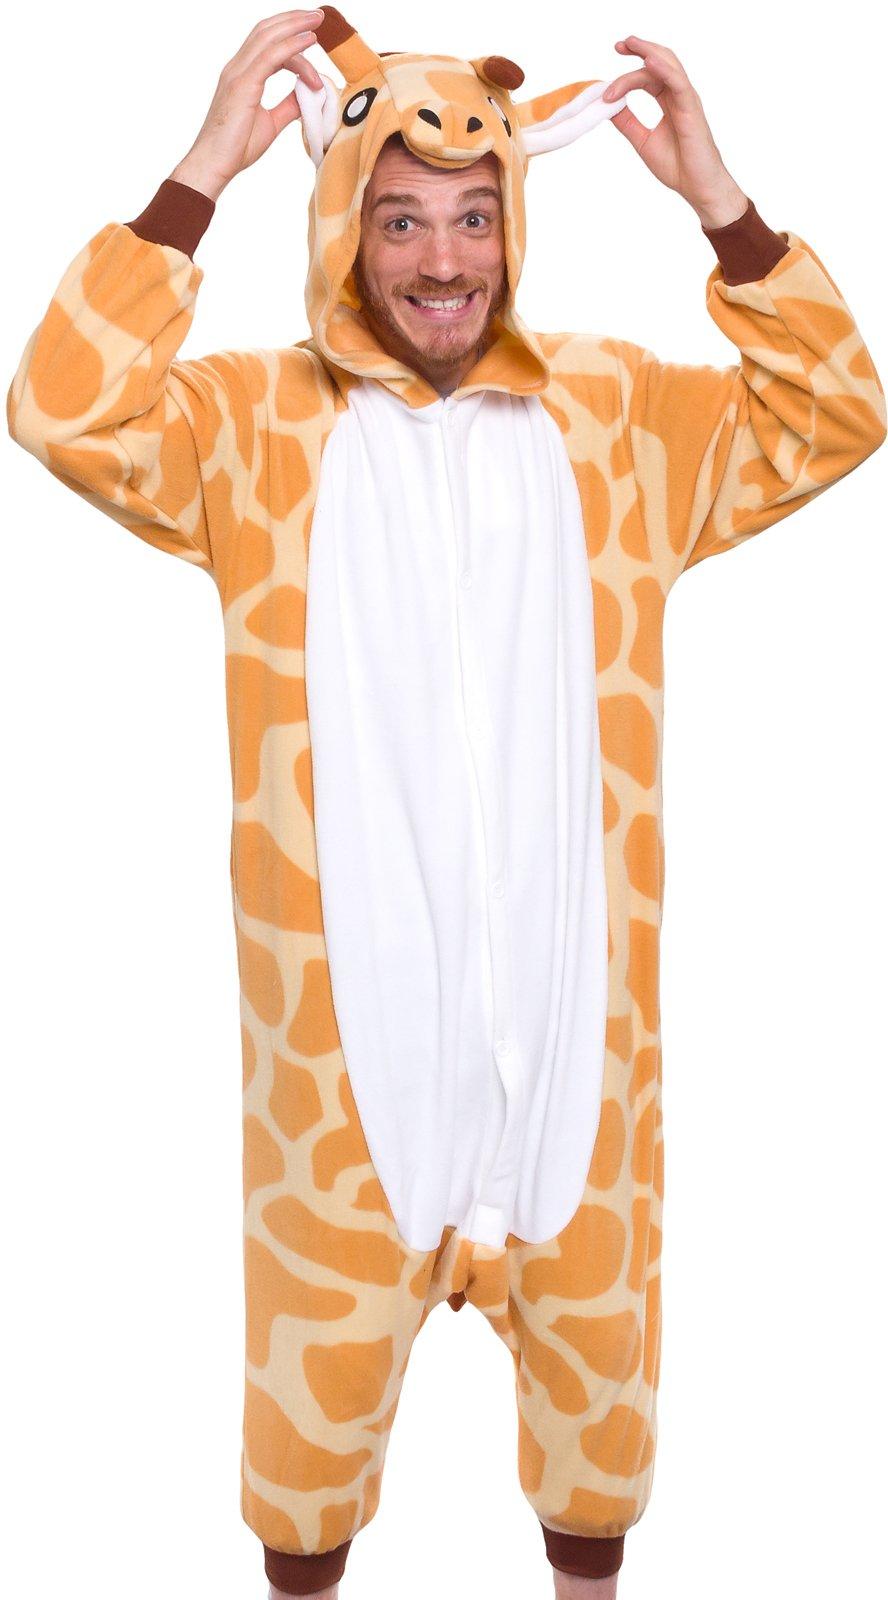 Silver Lilly Adult Pajamas - Plush One Piece Cosplay Animal Costume (Giraffe, M)